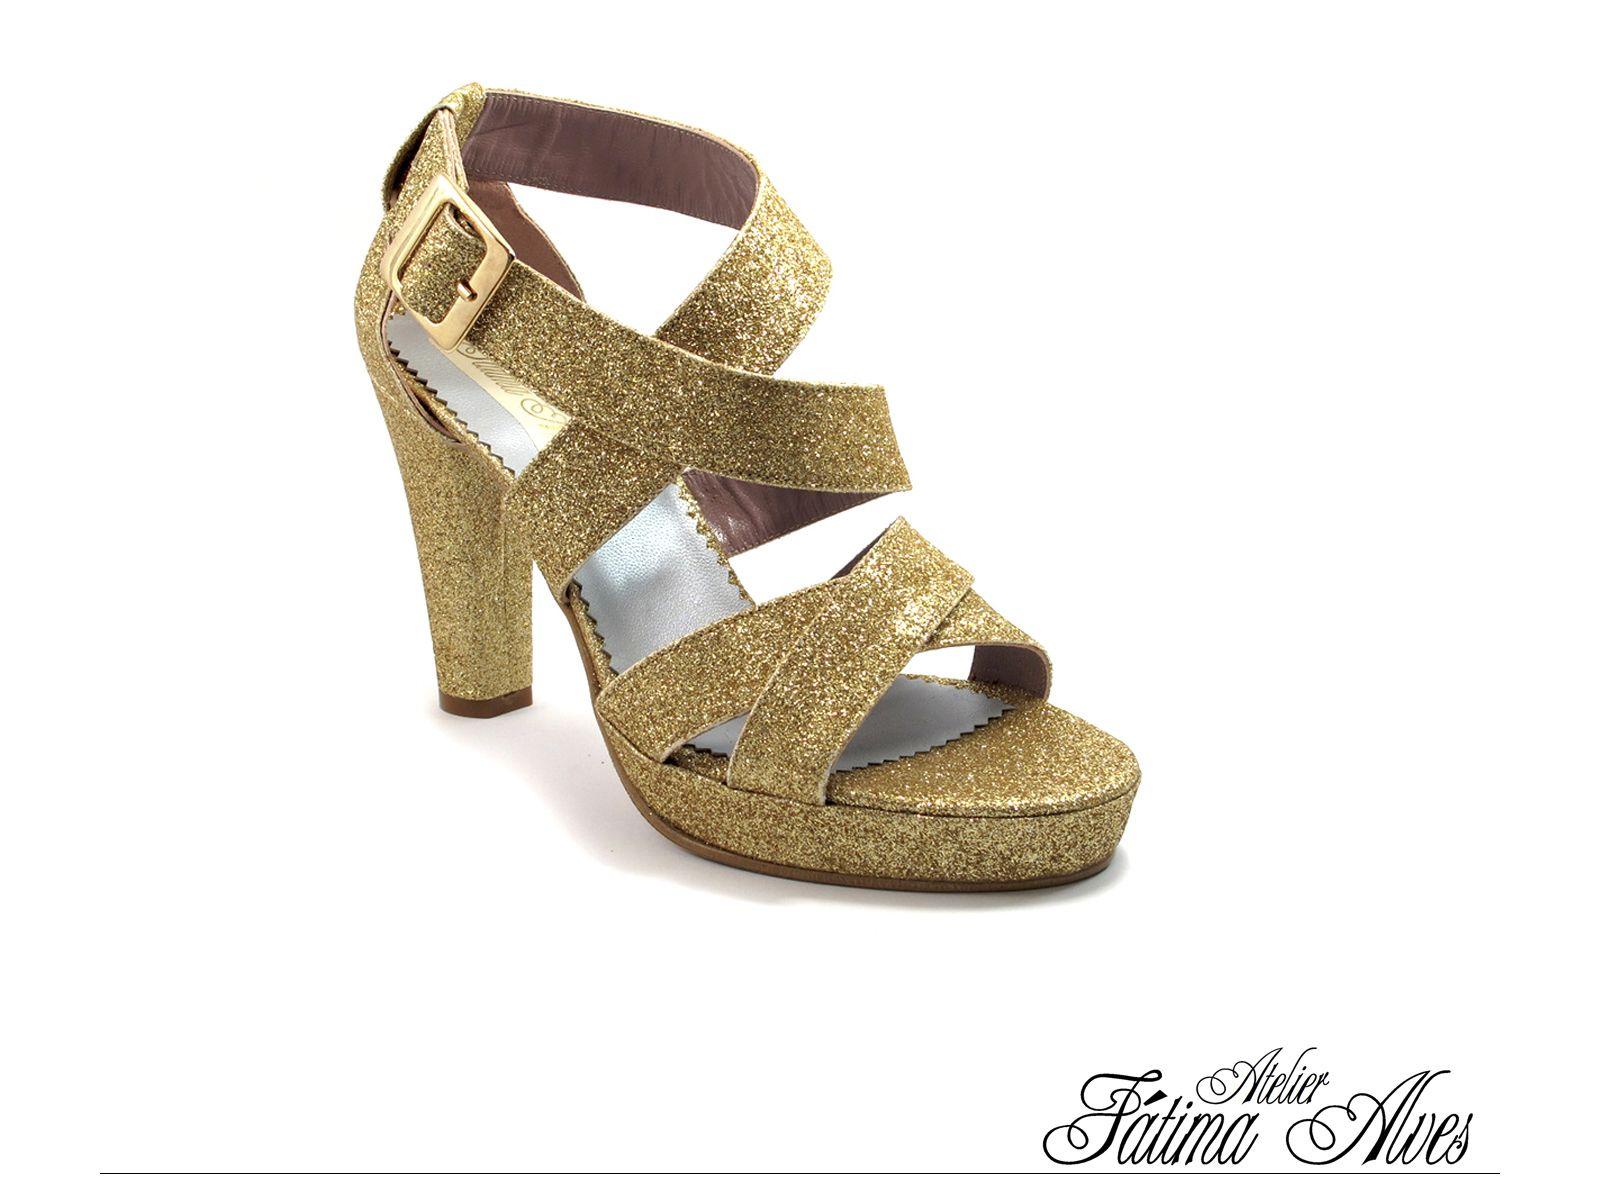 Bolsa E Sapatos Para Casamento : Noivas atelier f?tima alves sapatos personalizados